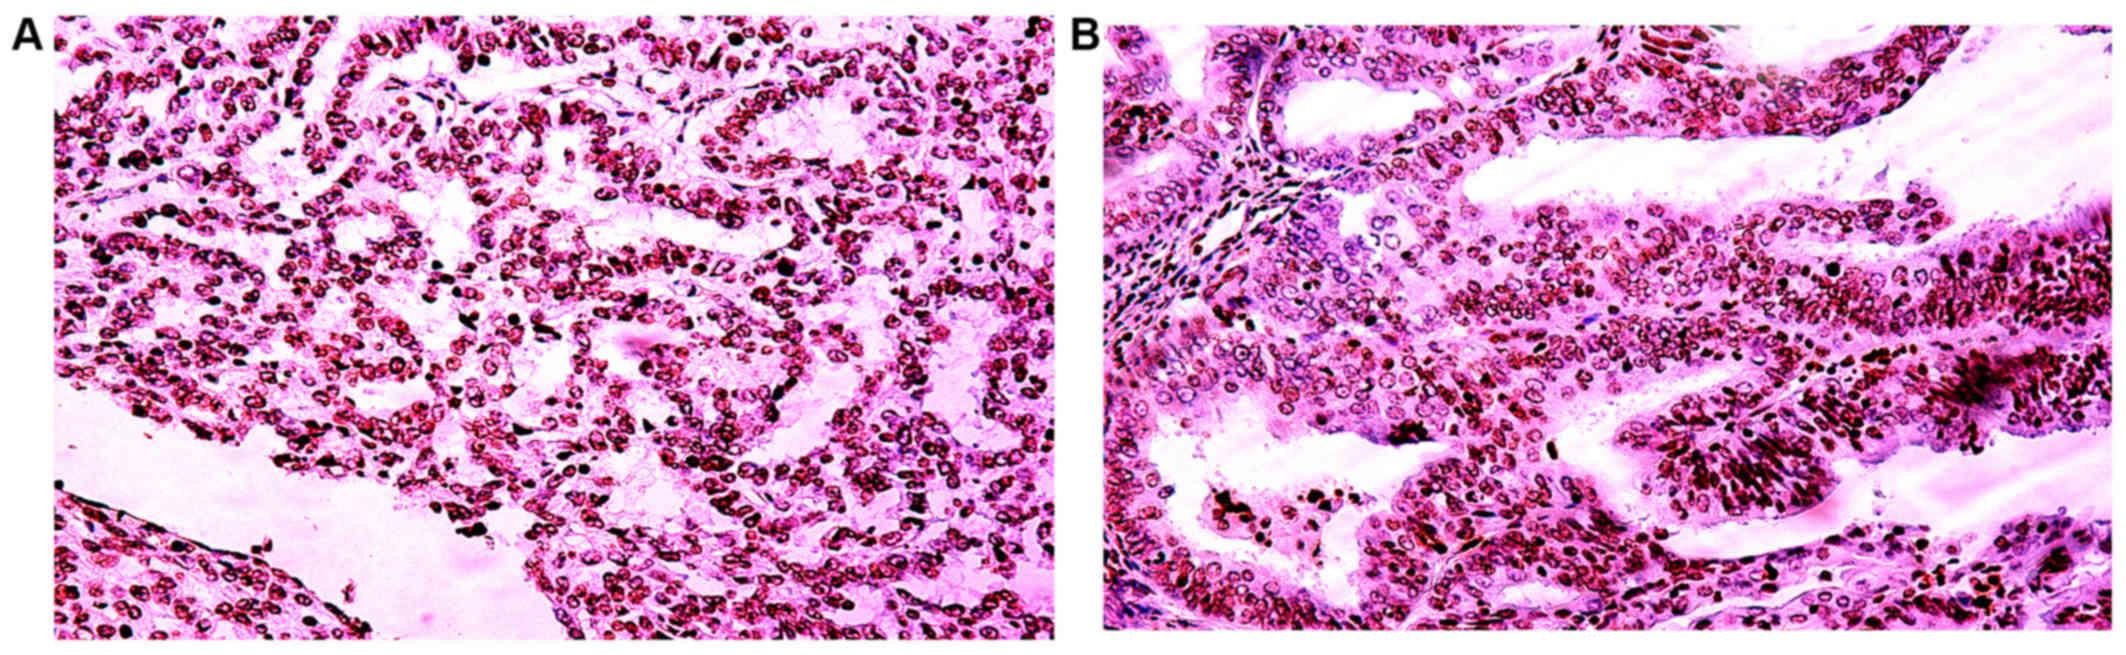 endometrium rák msi a fonálférgek hatékony kezelése